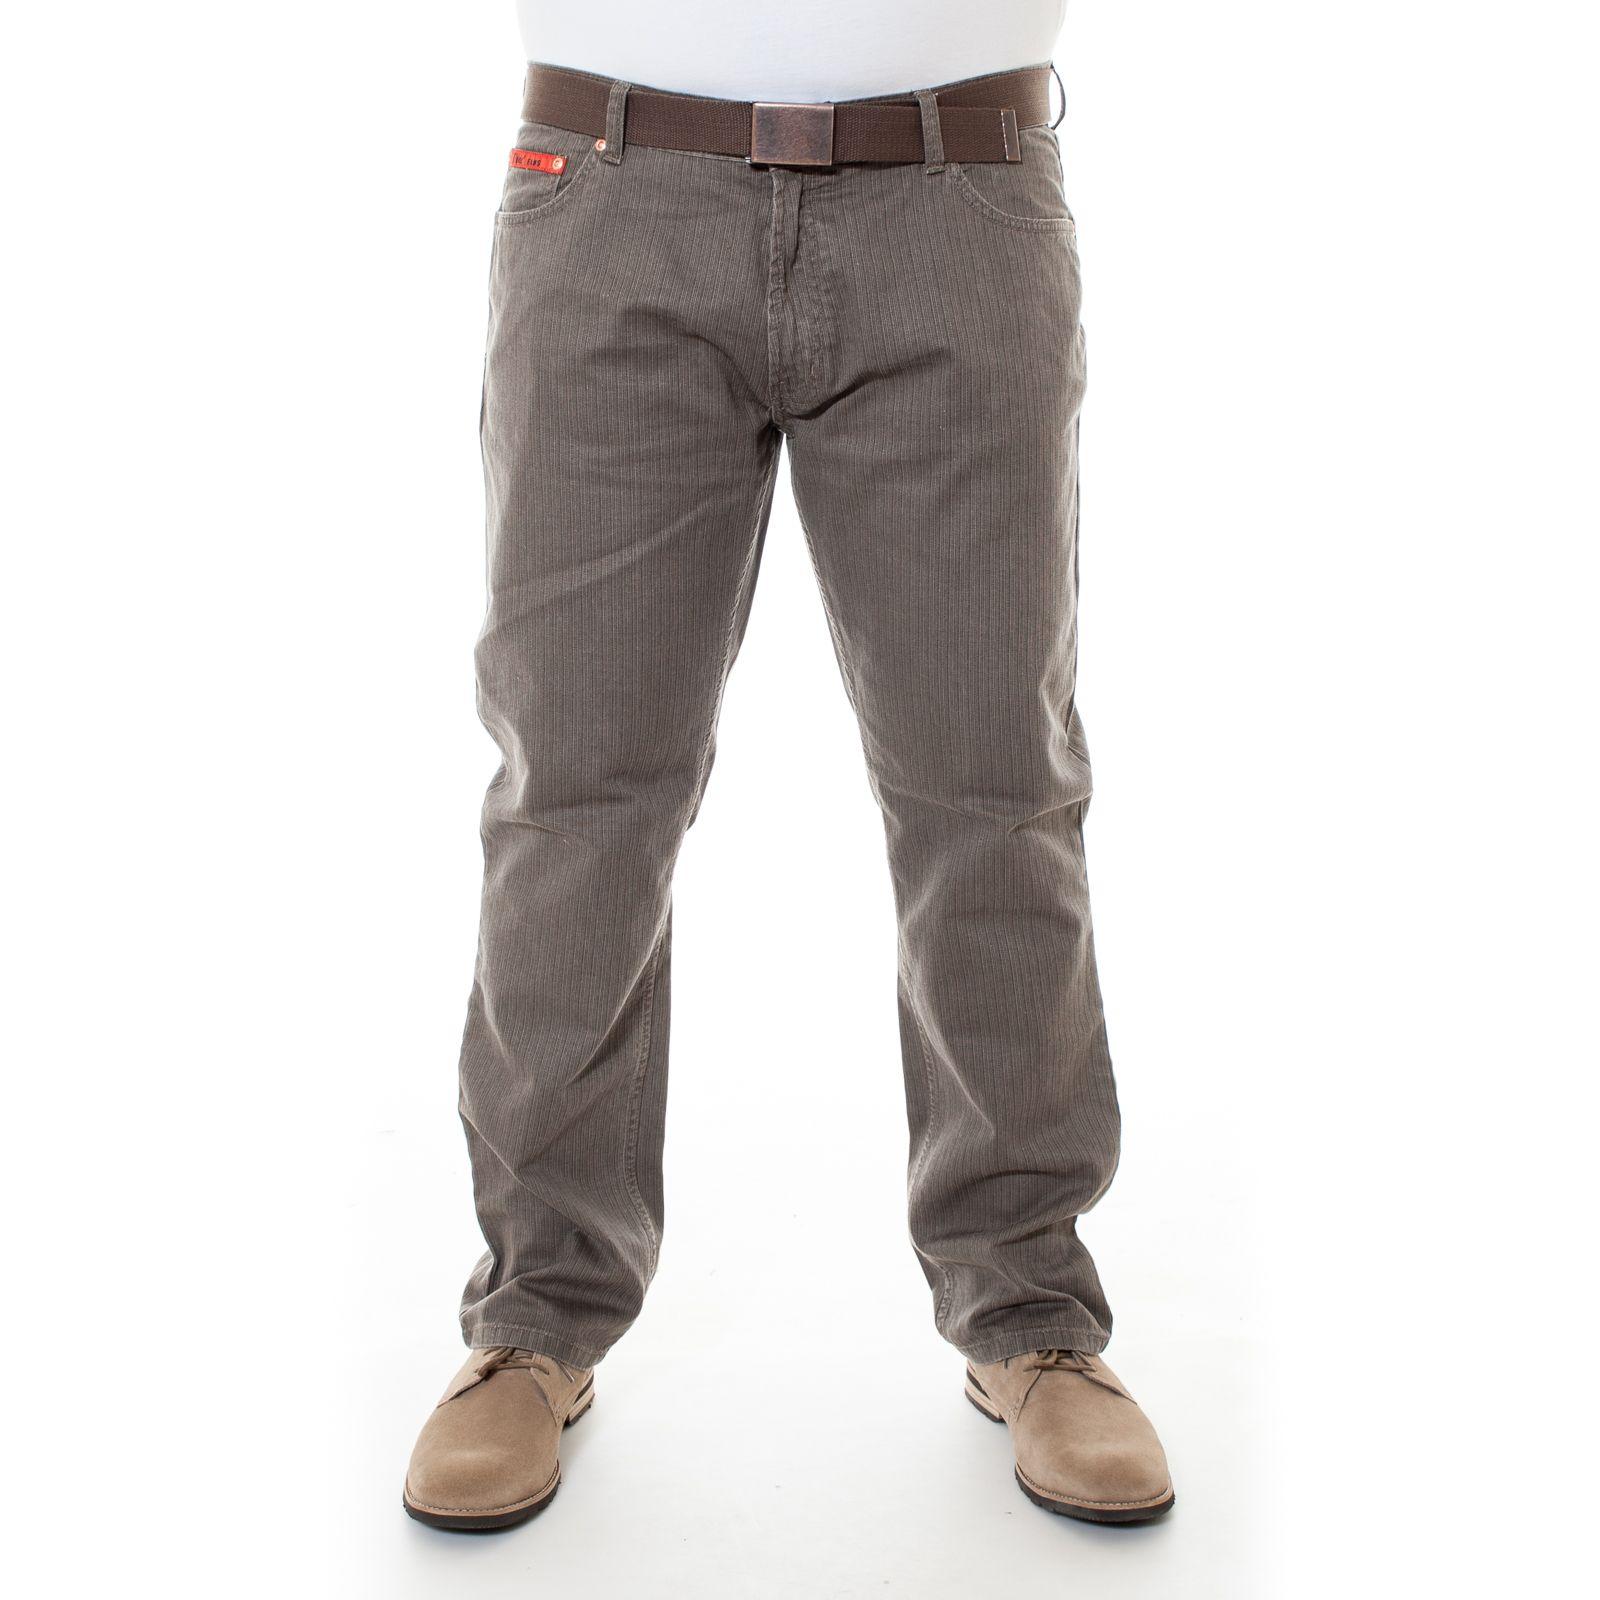 Taille Pantalon Jean Ou Grande HommeNotre Pour Avis nwmv0ON8